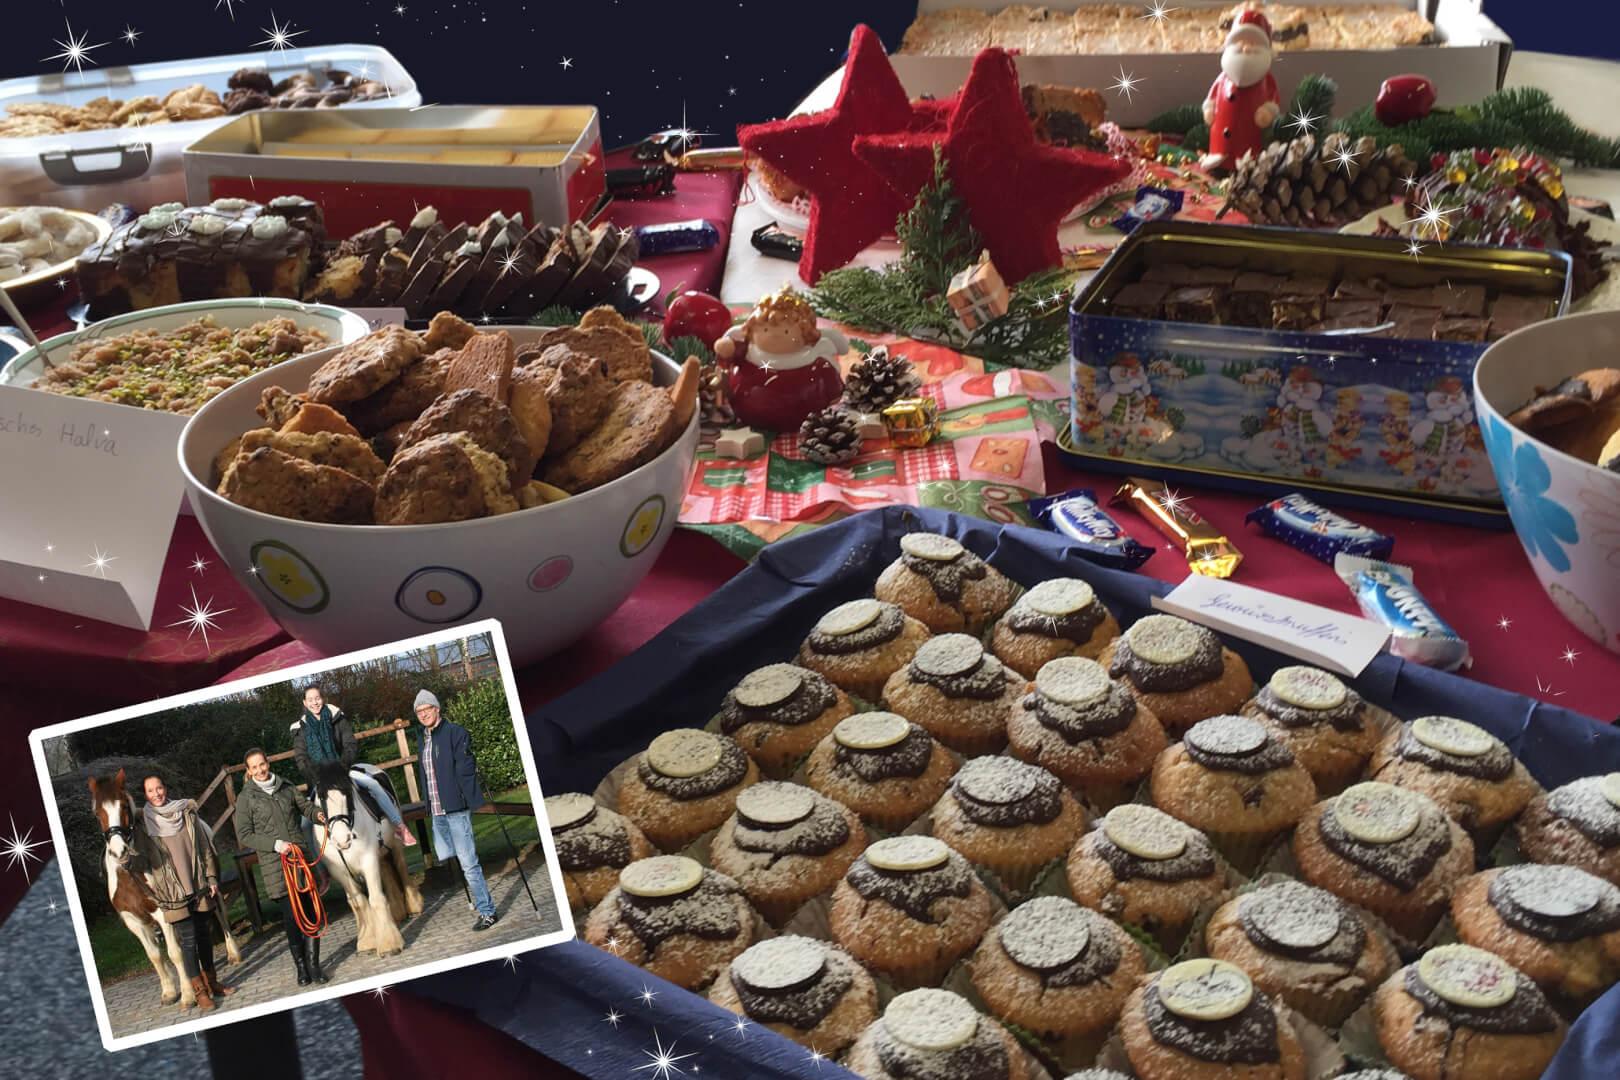 Multinationaler Weihnachtsbrunch mit kulinarischen Köstlichkeiten aus aller Welt